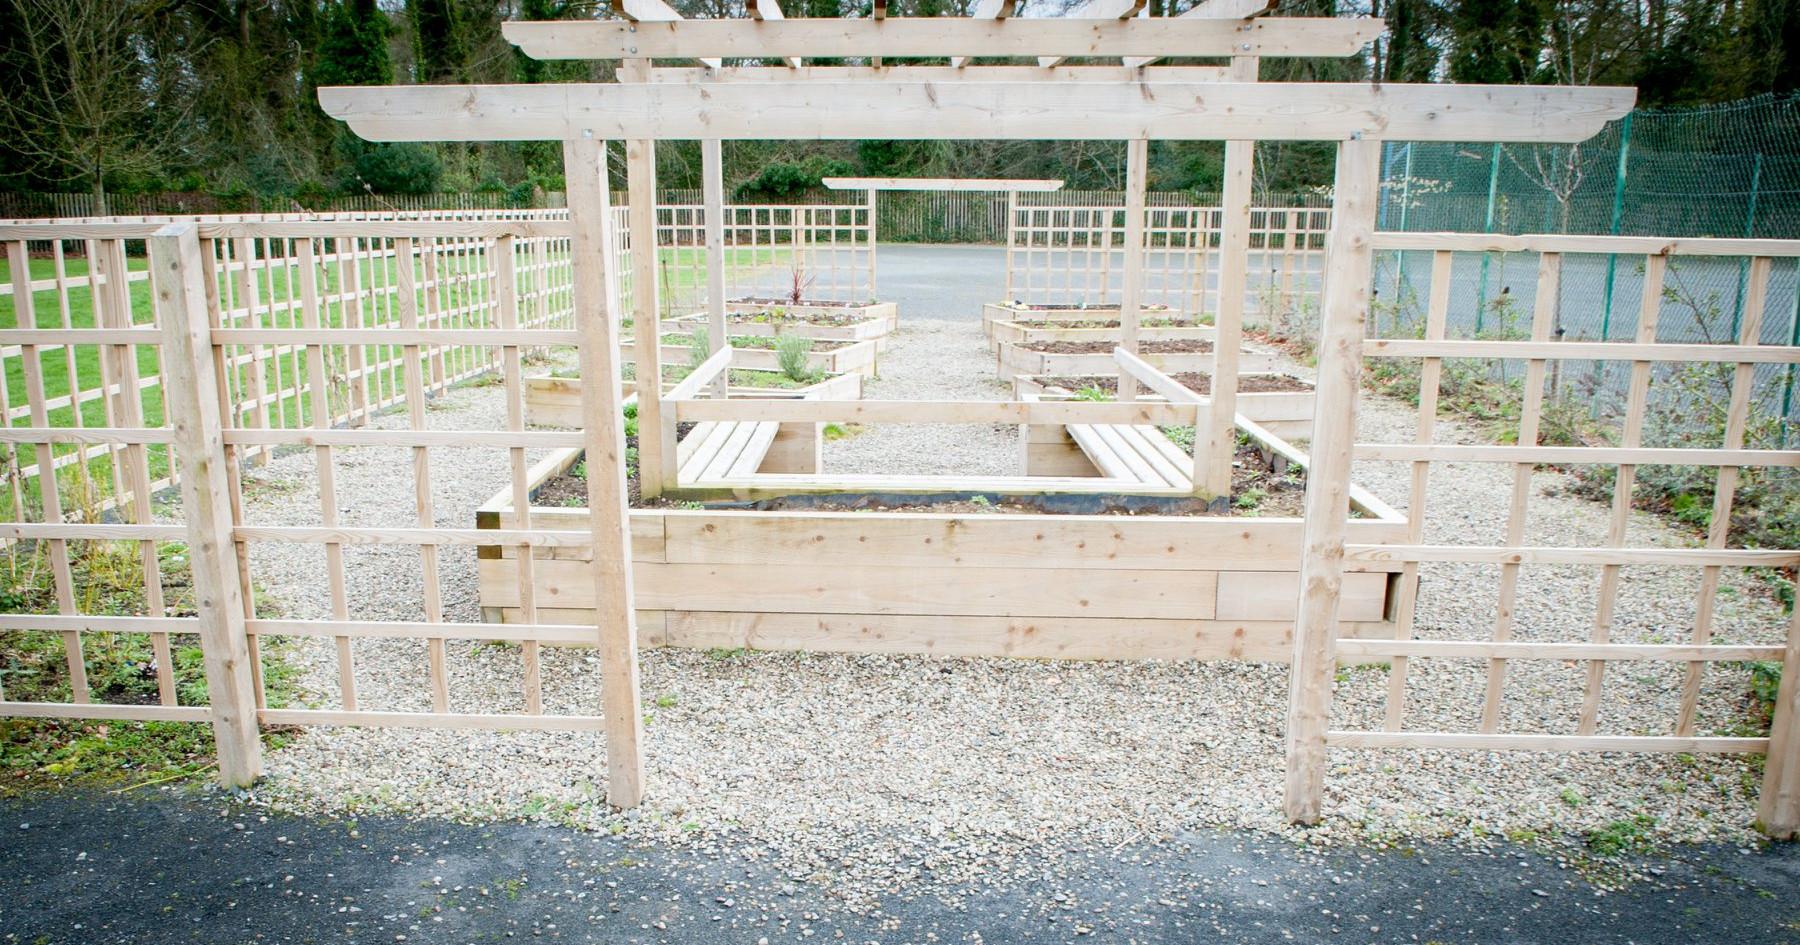 memorial garden 3.jpg